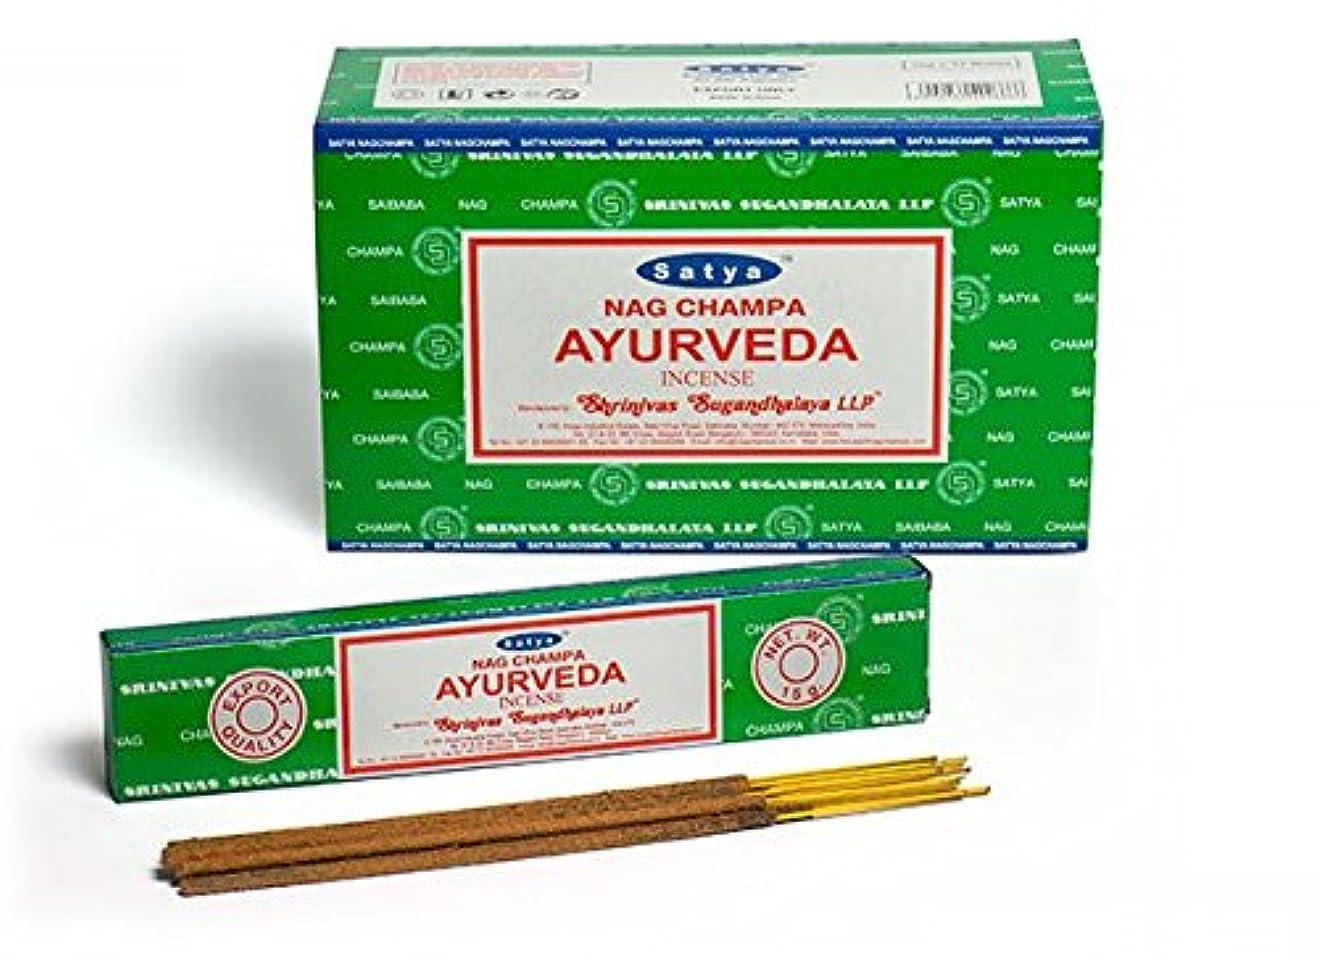 回転する春感覚Satya Nag Champa Ayurveda お香スティック Agarbatti 180グラムボックス | 15グラム入り12パック